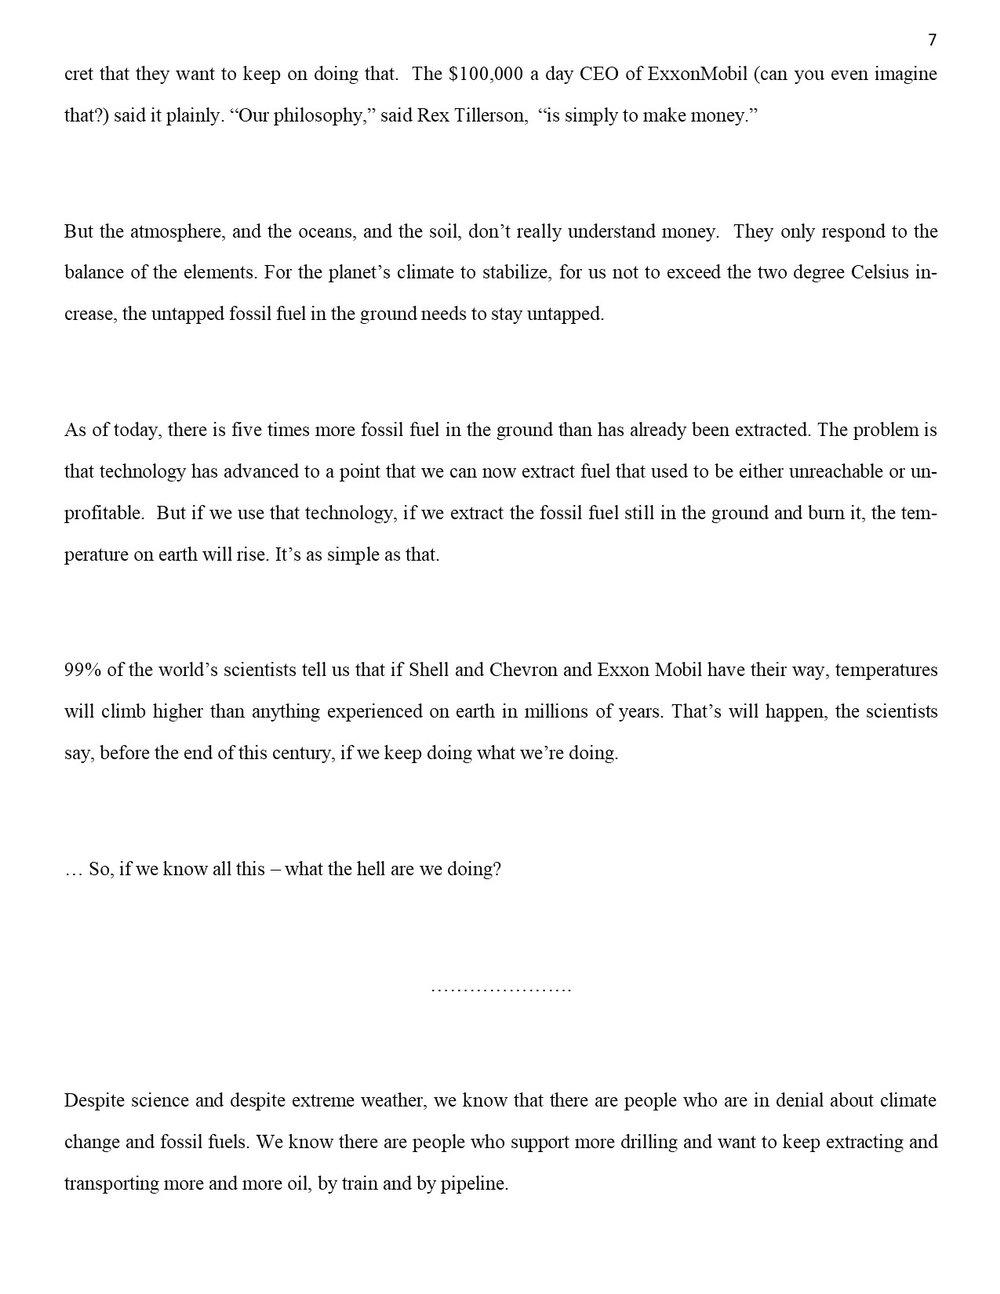 Story of a Hillside - Sabina Virgo (Prose, Essay)-7.jpg